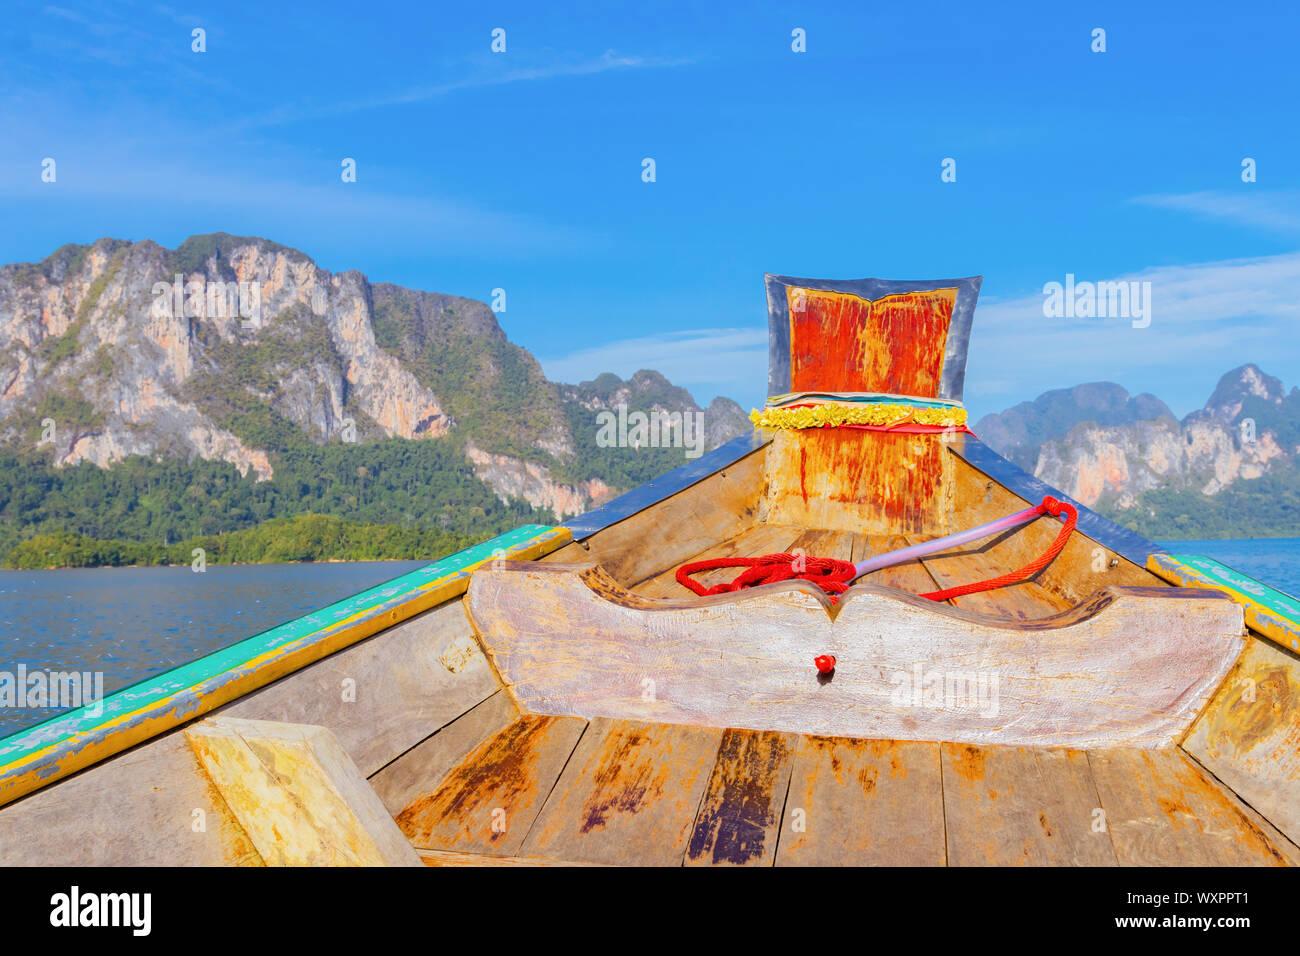 La barca di legno sul viaggio in barca a vela in Ratchaprapa Dam e Cheow Larn Lago, Khao Sok natura bellissima in Thailandia Foto Stock